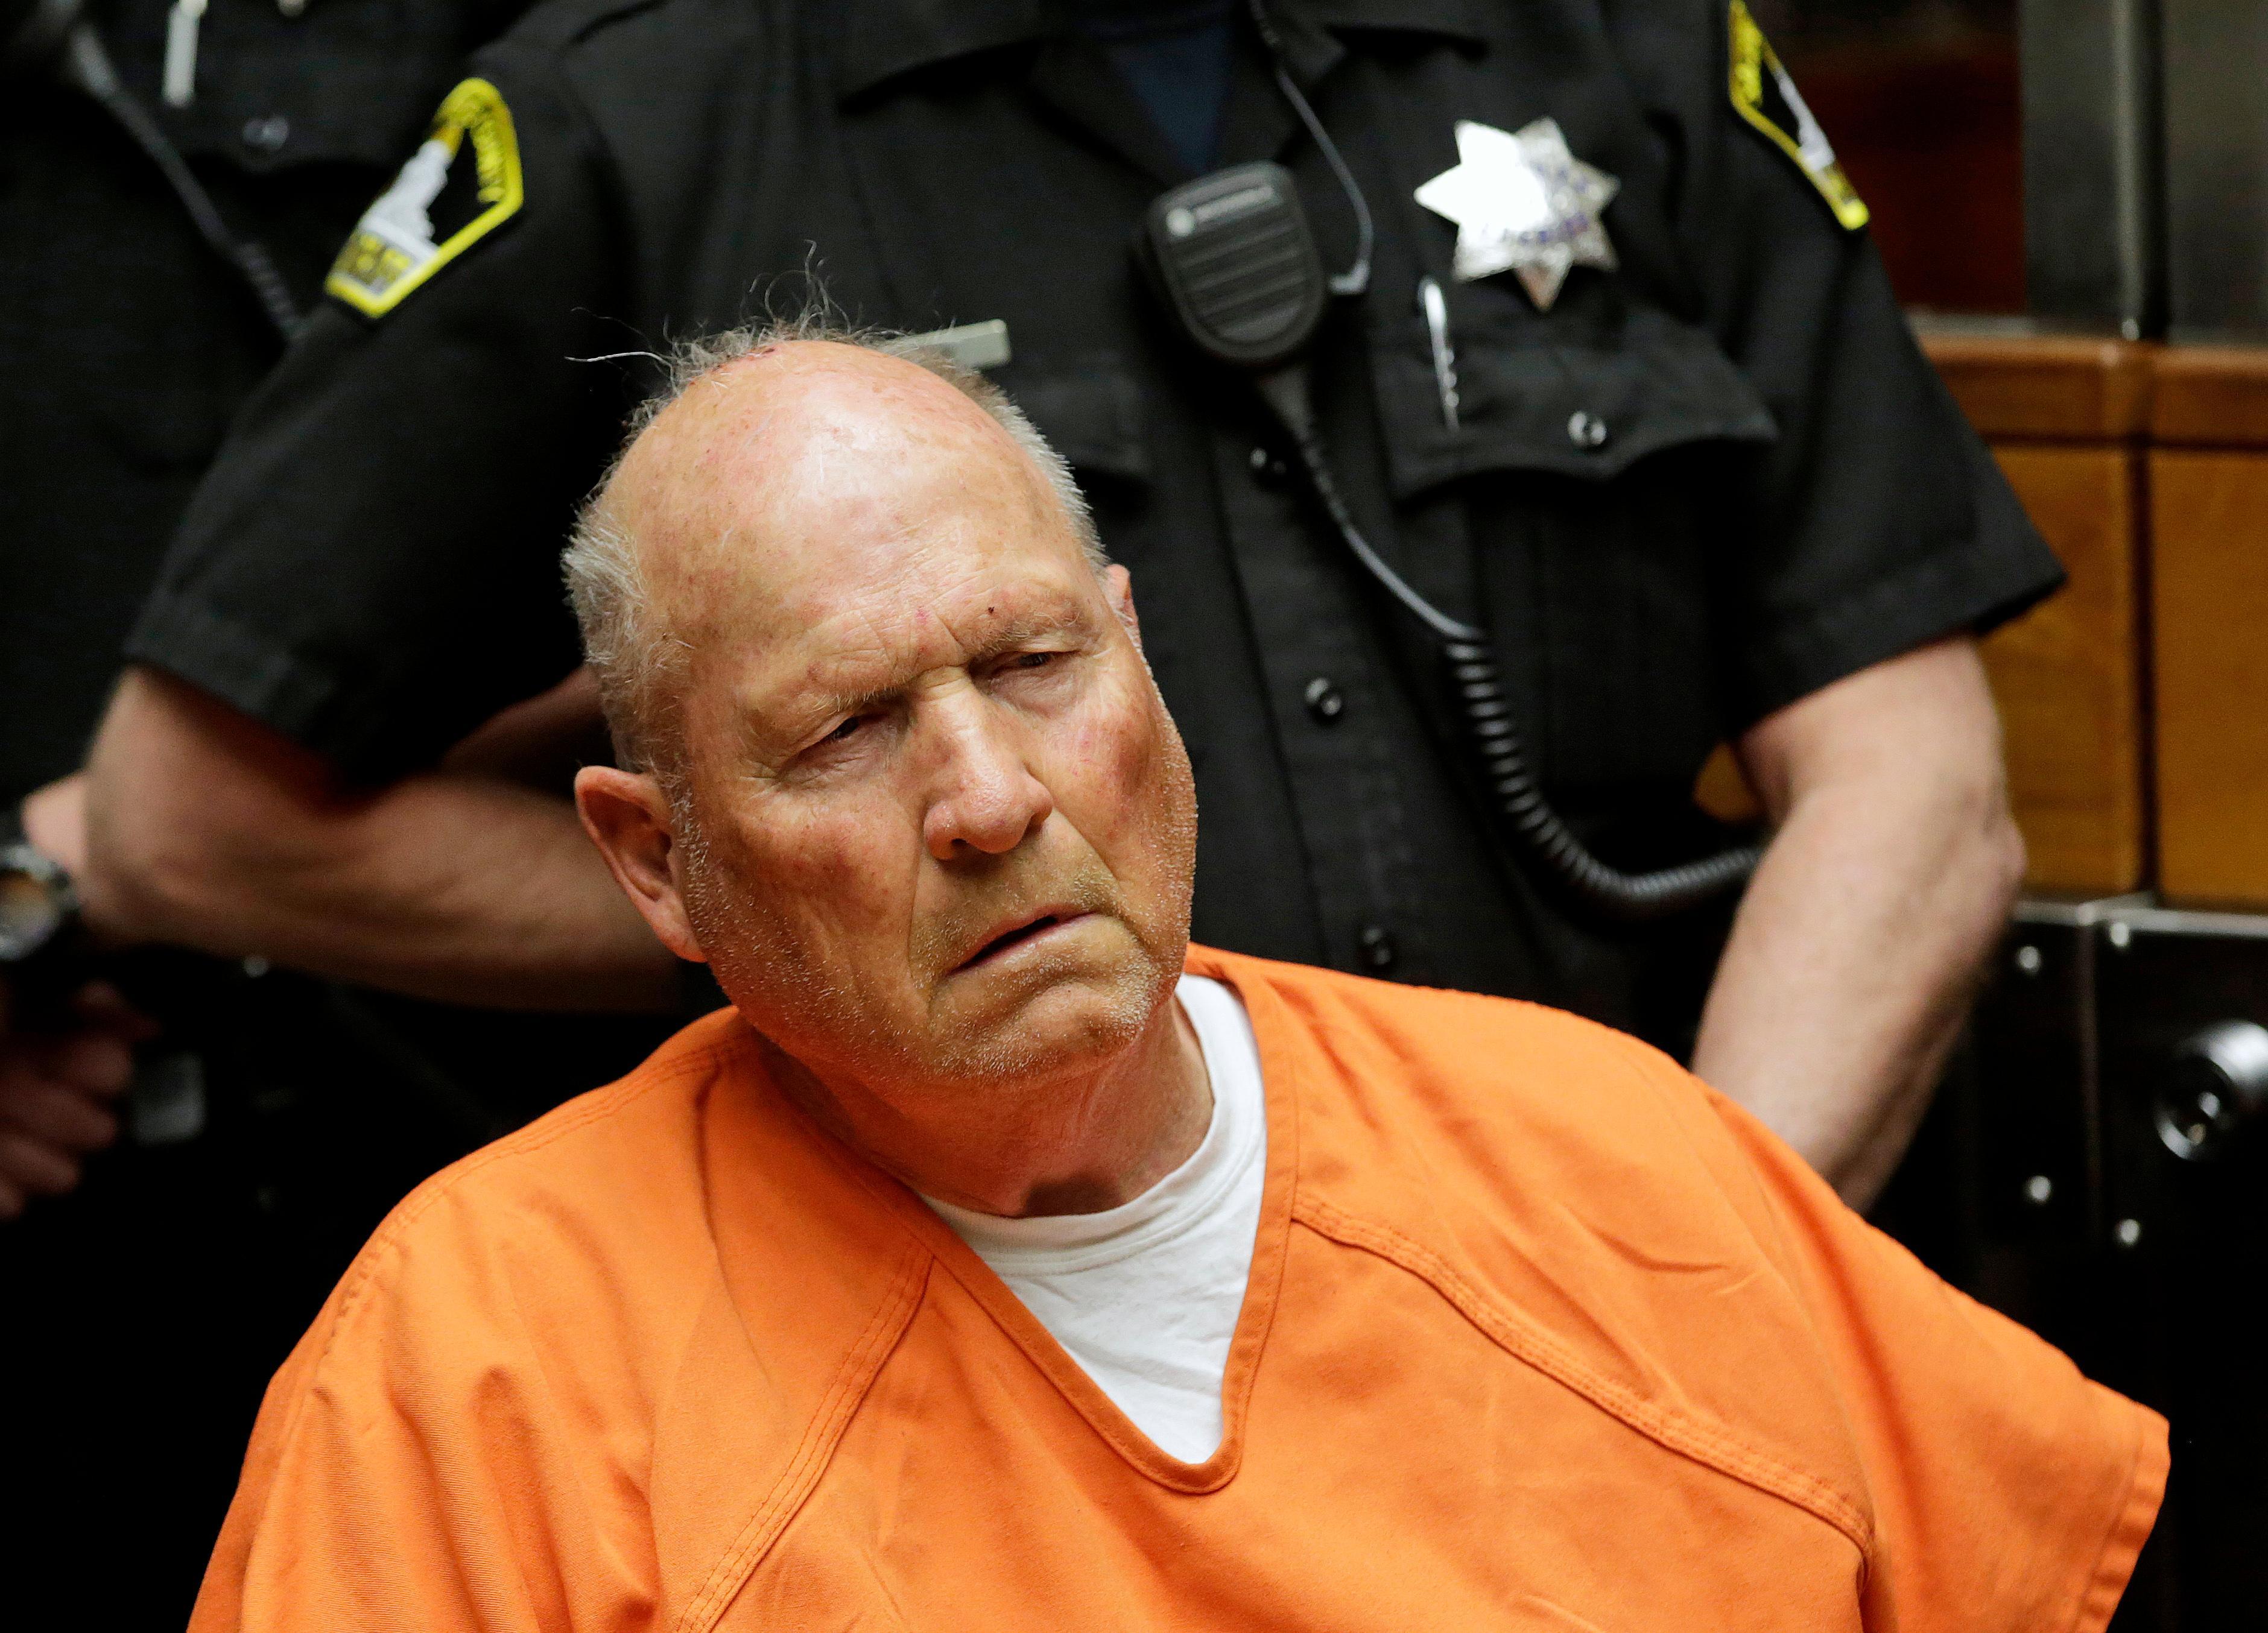 В США 74-летний серийный убийца обменял признание вины на пожизненное заключение